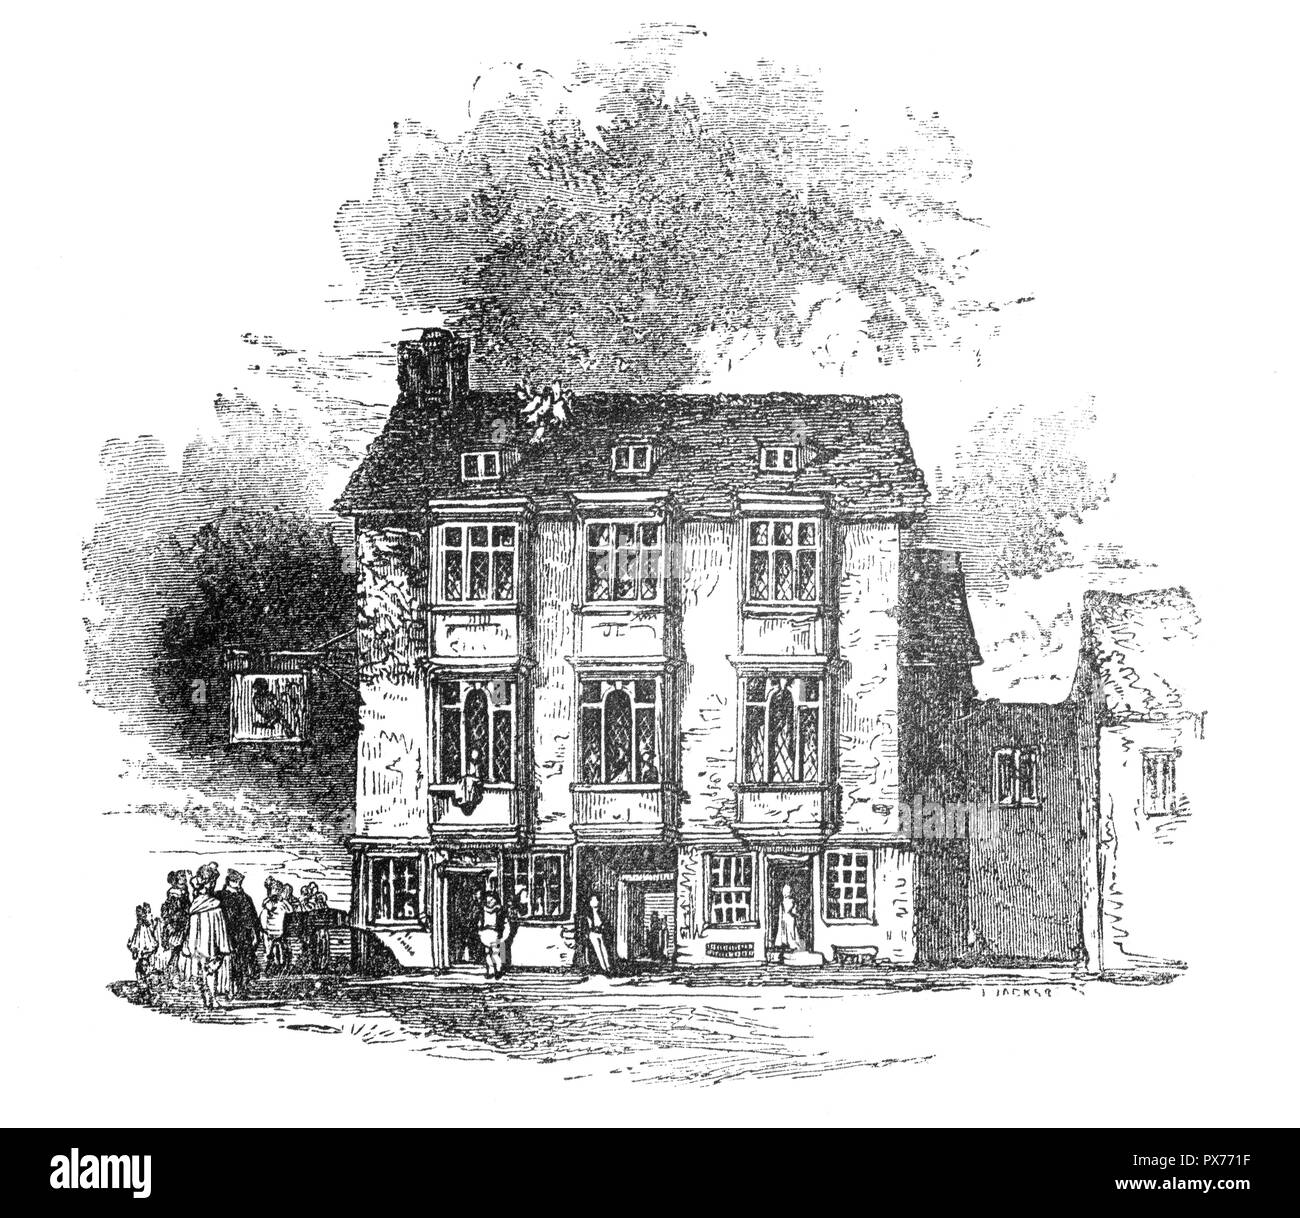 Le Falcon Inn de Southwark, sur la rive sud de la Tamise, Londres, Angleterre, était une maison d'une grande entreprise et le lieu d'où les entraîneurs sont allés à toutes les parties de Kent, Surrey et Sussex. La région a été le centre de divertissements de Londres durant la période Tudor et Stewart, toute forme de recherche artistique, et vice, pourraient être trouvés ici. Théâtres tels que la Rose, Swan, Globe et de l'espoir nés et les dramaturges de la stature de Marlowe et Shakespeare sont devenus des stars et le Falcon est devenu le quotidien resort de Shakespeare et ses compagnons spectaculaire. Banque D'Images